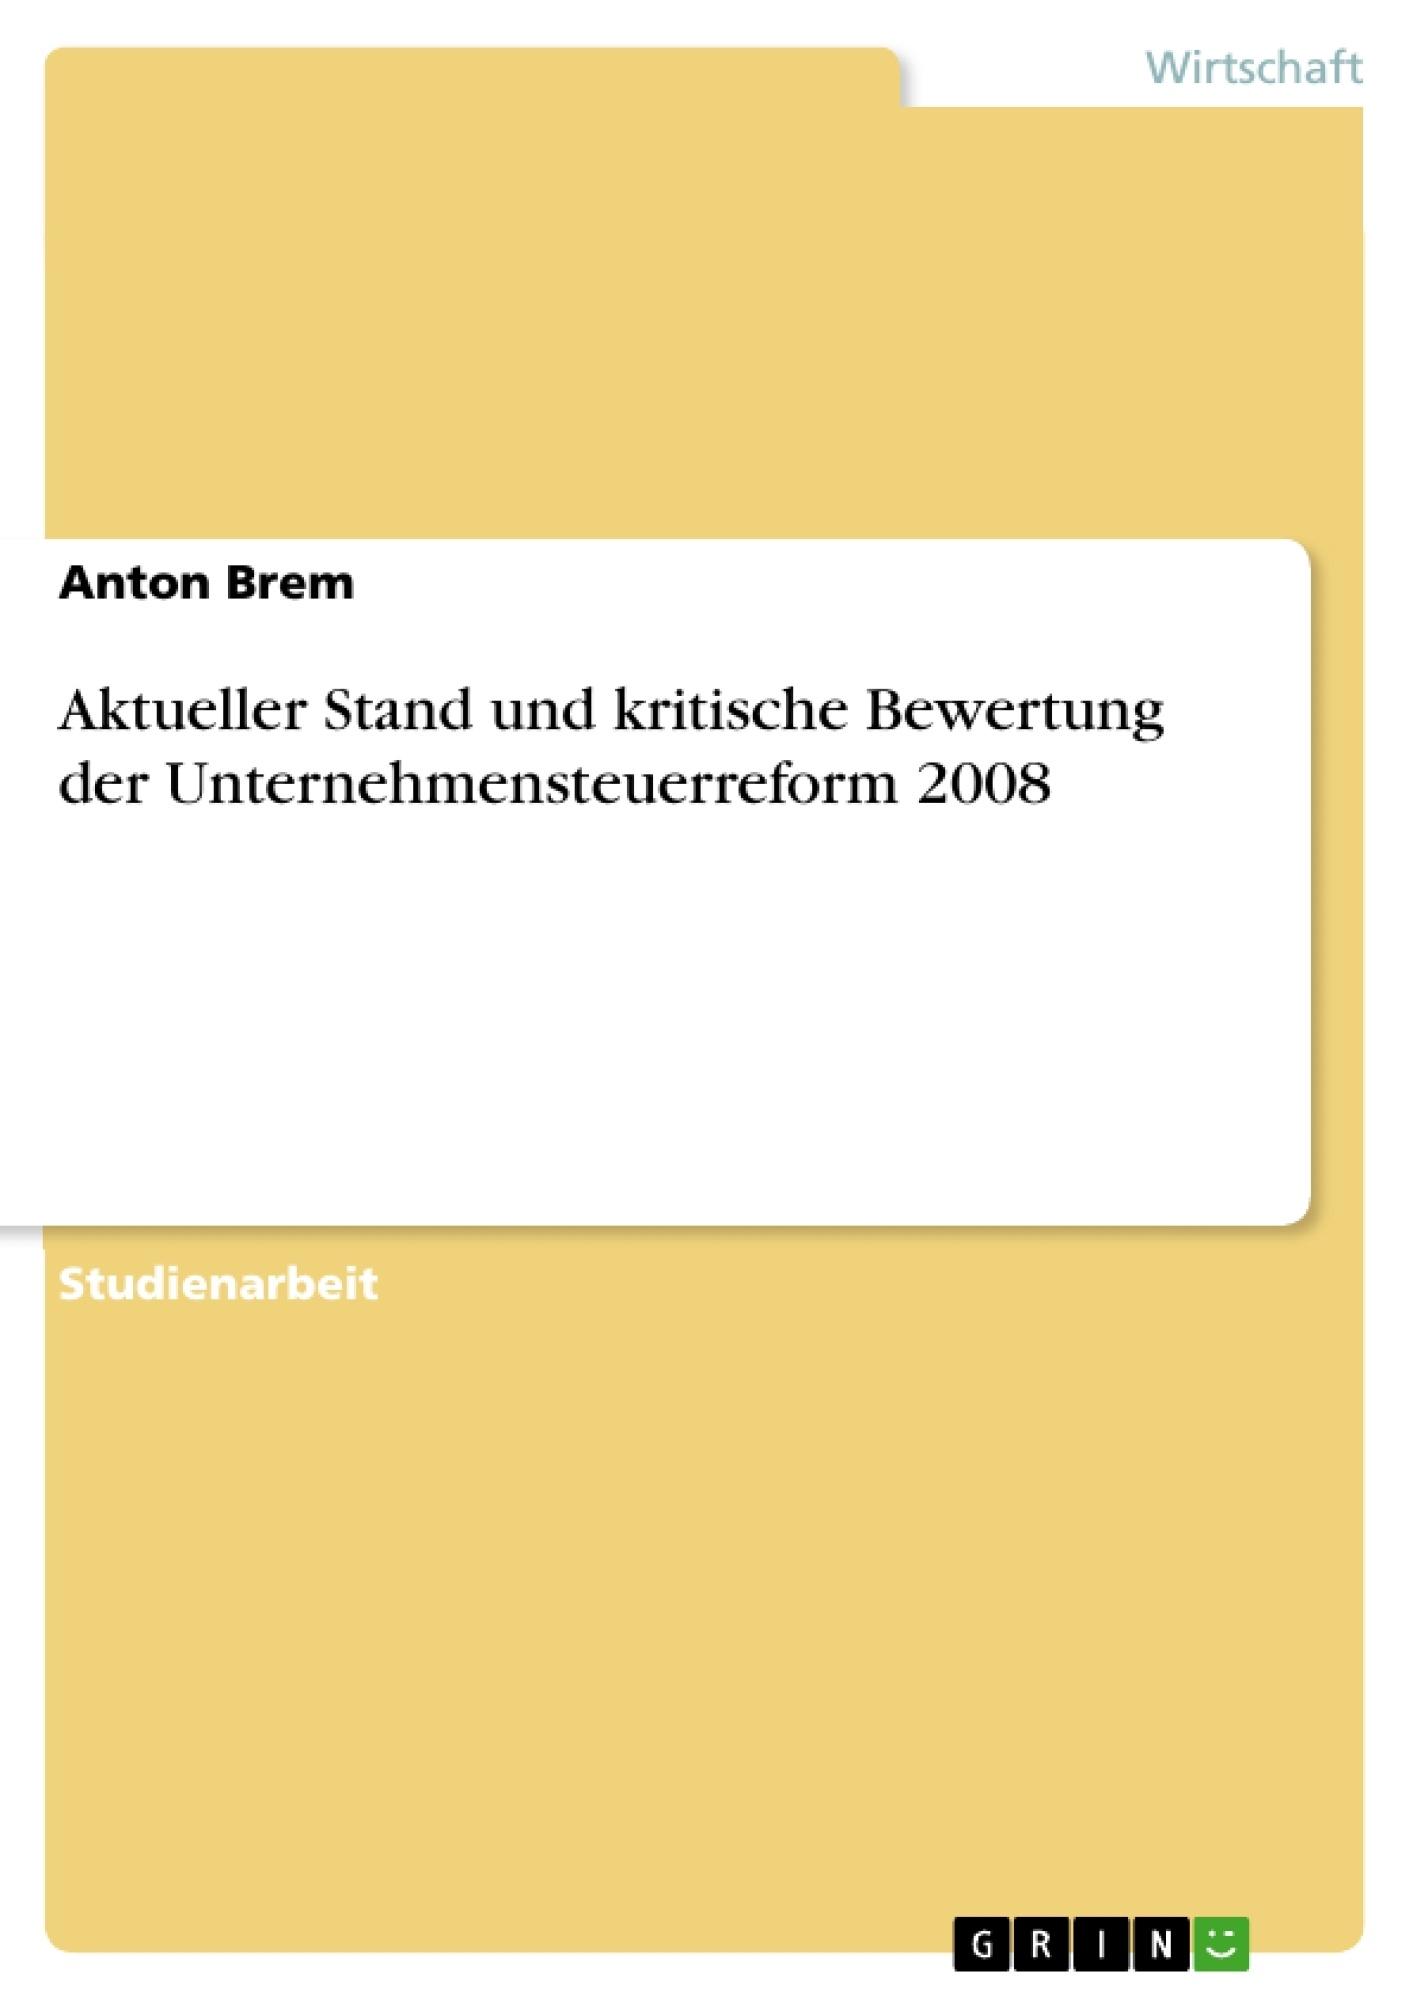 Titel: Aktueller Stand und kritische Bewertung der Unternehmensteuerreform 2008